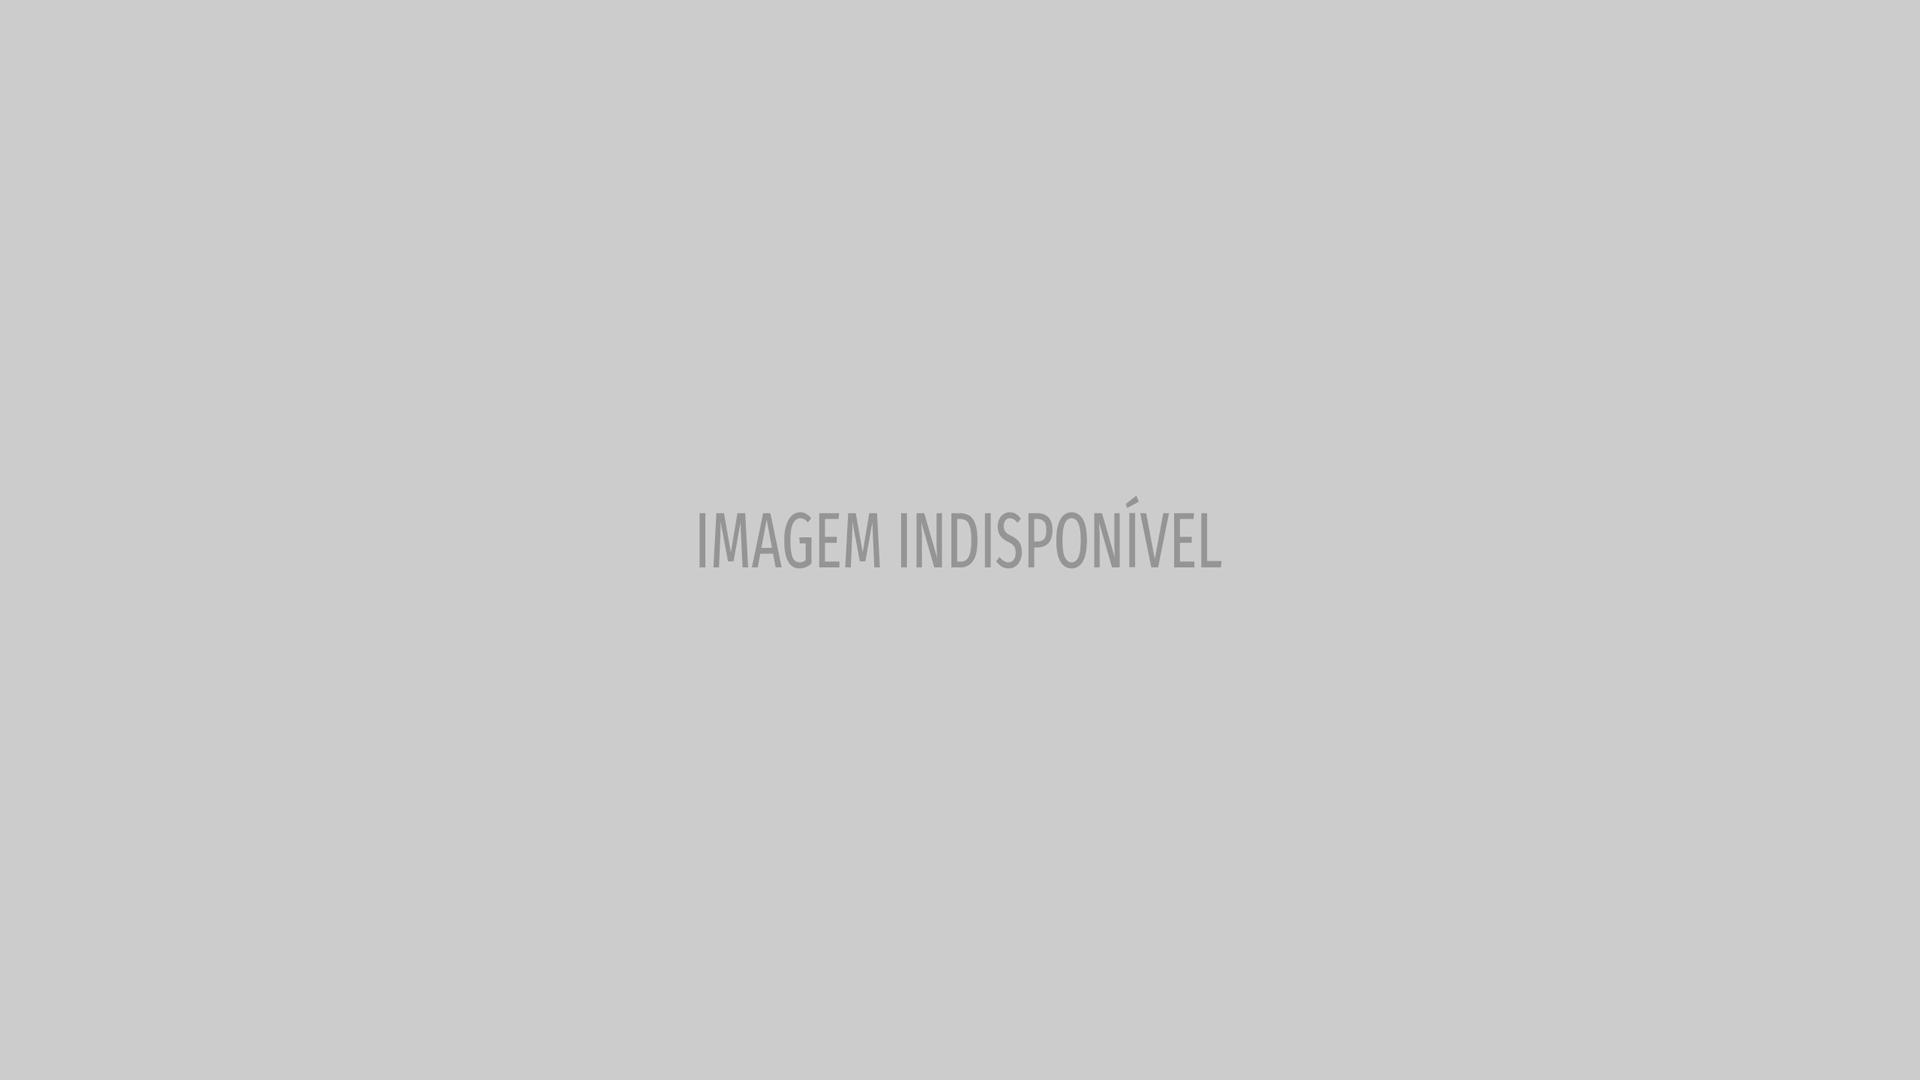 Dolores Aveiro protagoniza nova campanha publicitária do SNS 24